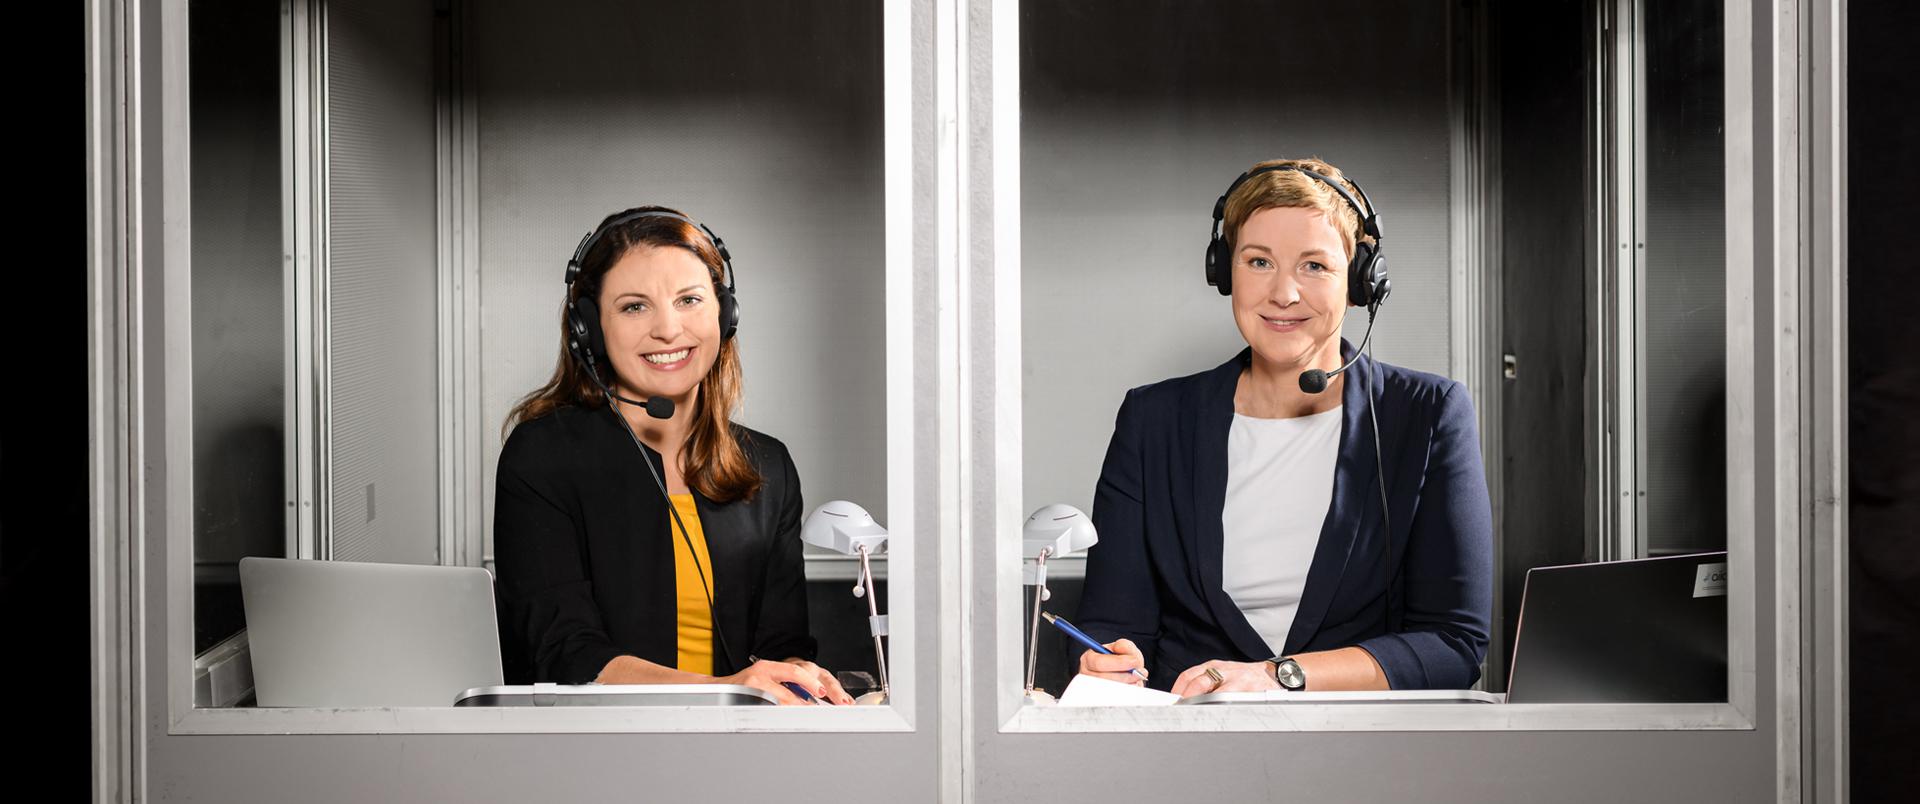 Konferenzdolmetscher Berlin: Sabrina Beilfuß und Vivi Bentin. Konferenzberatung und Konferenzdolmetschen.